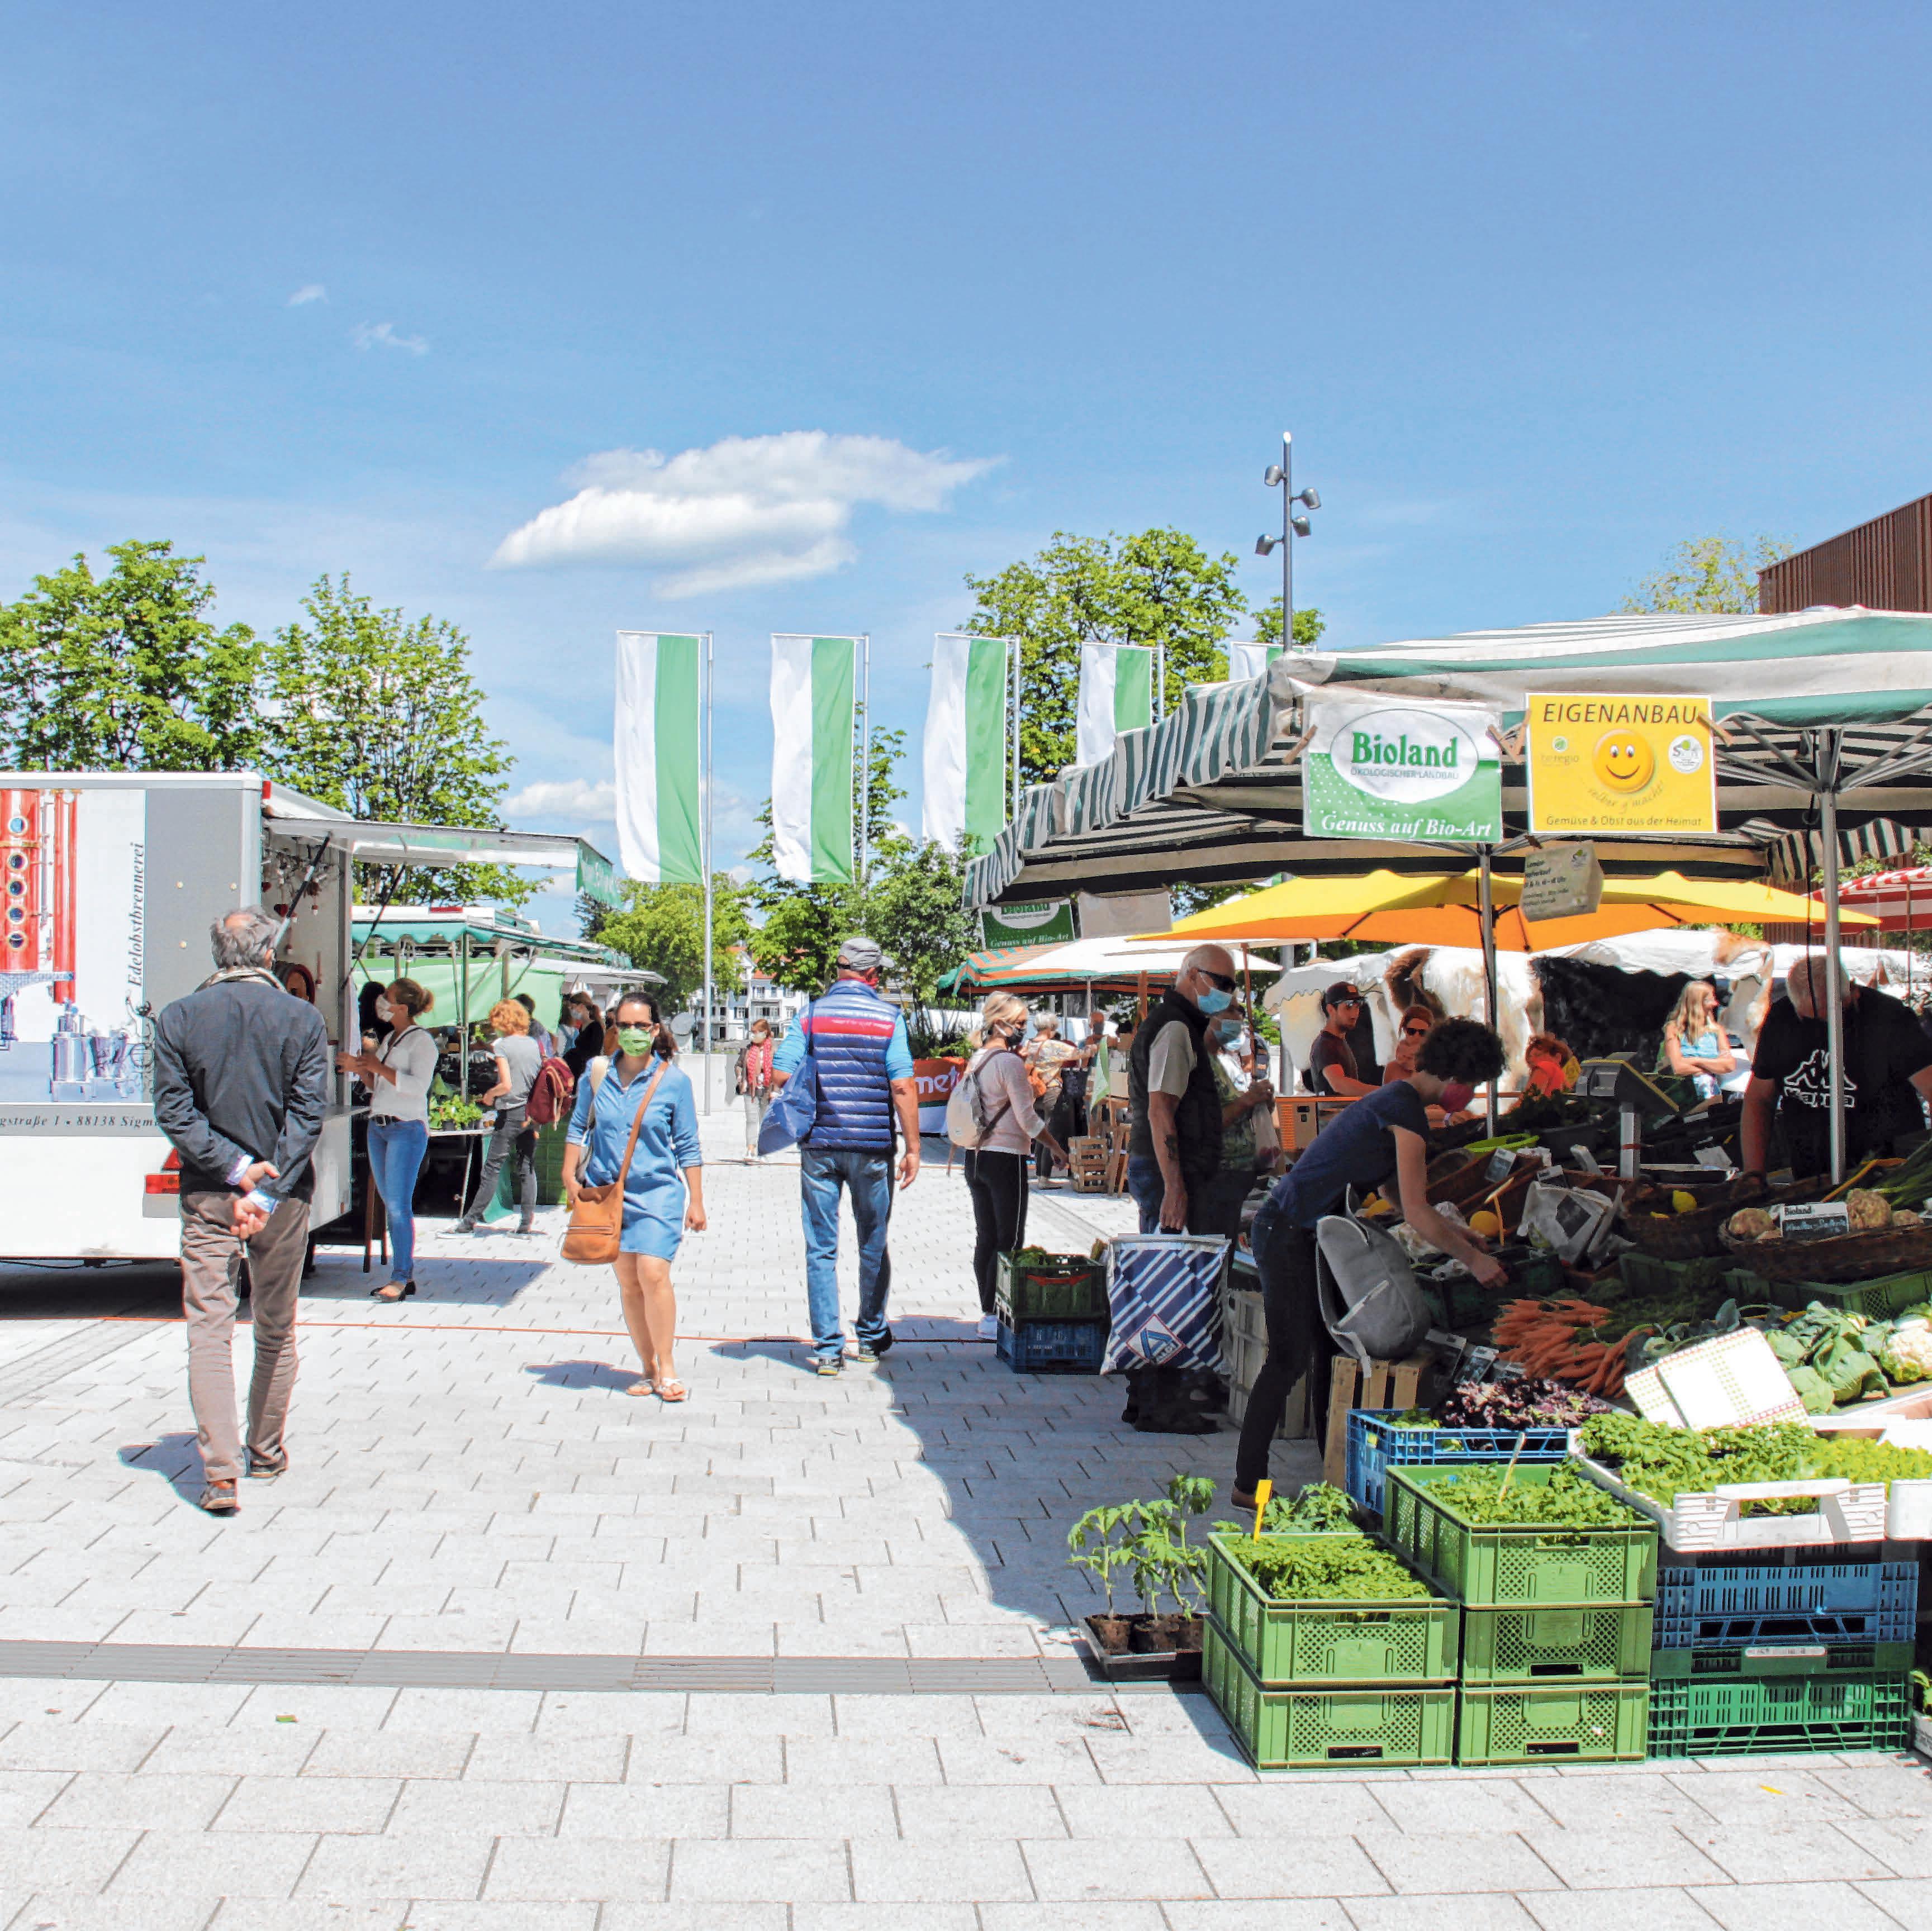 Lindauer Wochenmarkt an neuem Standort Image 1